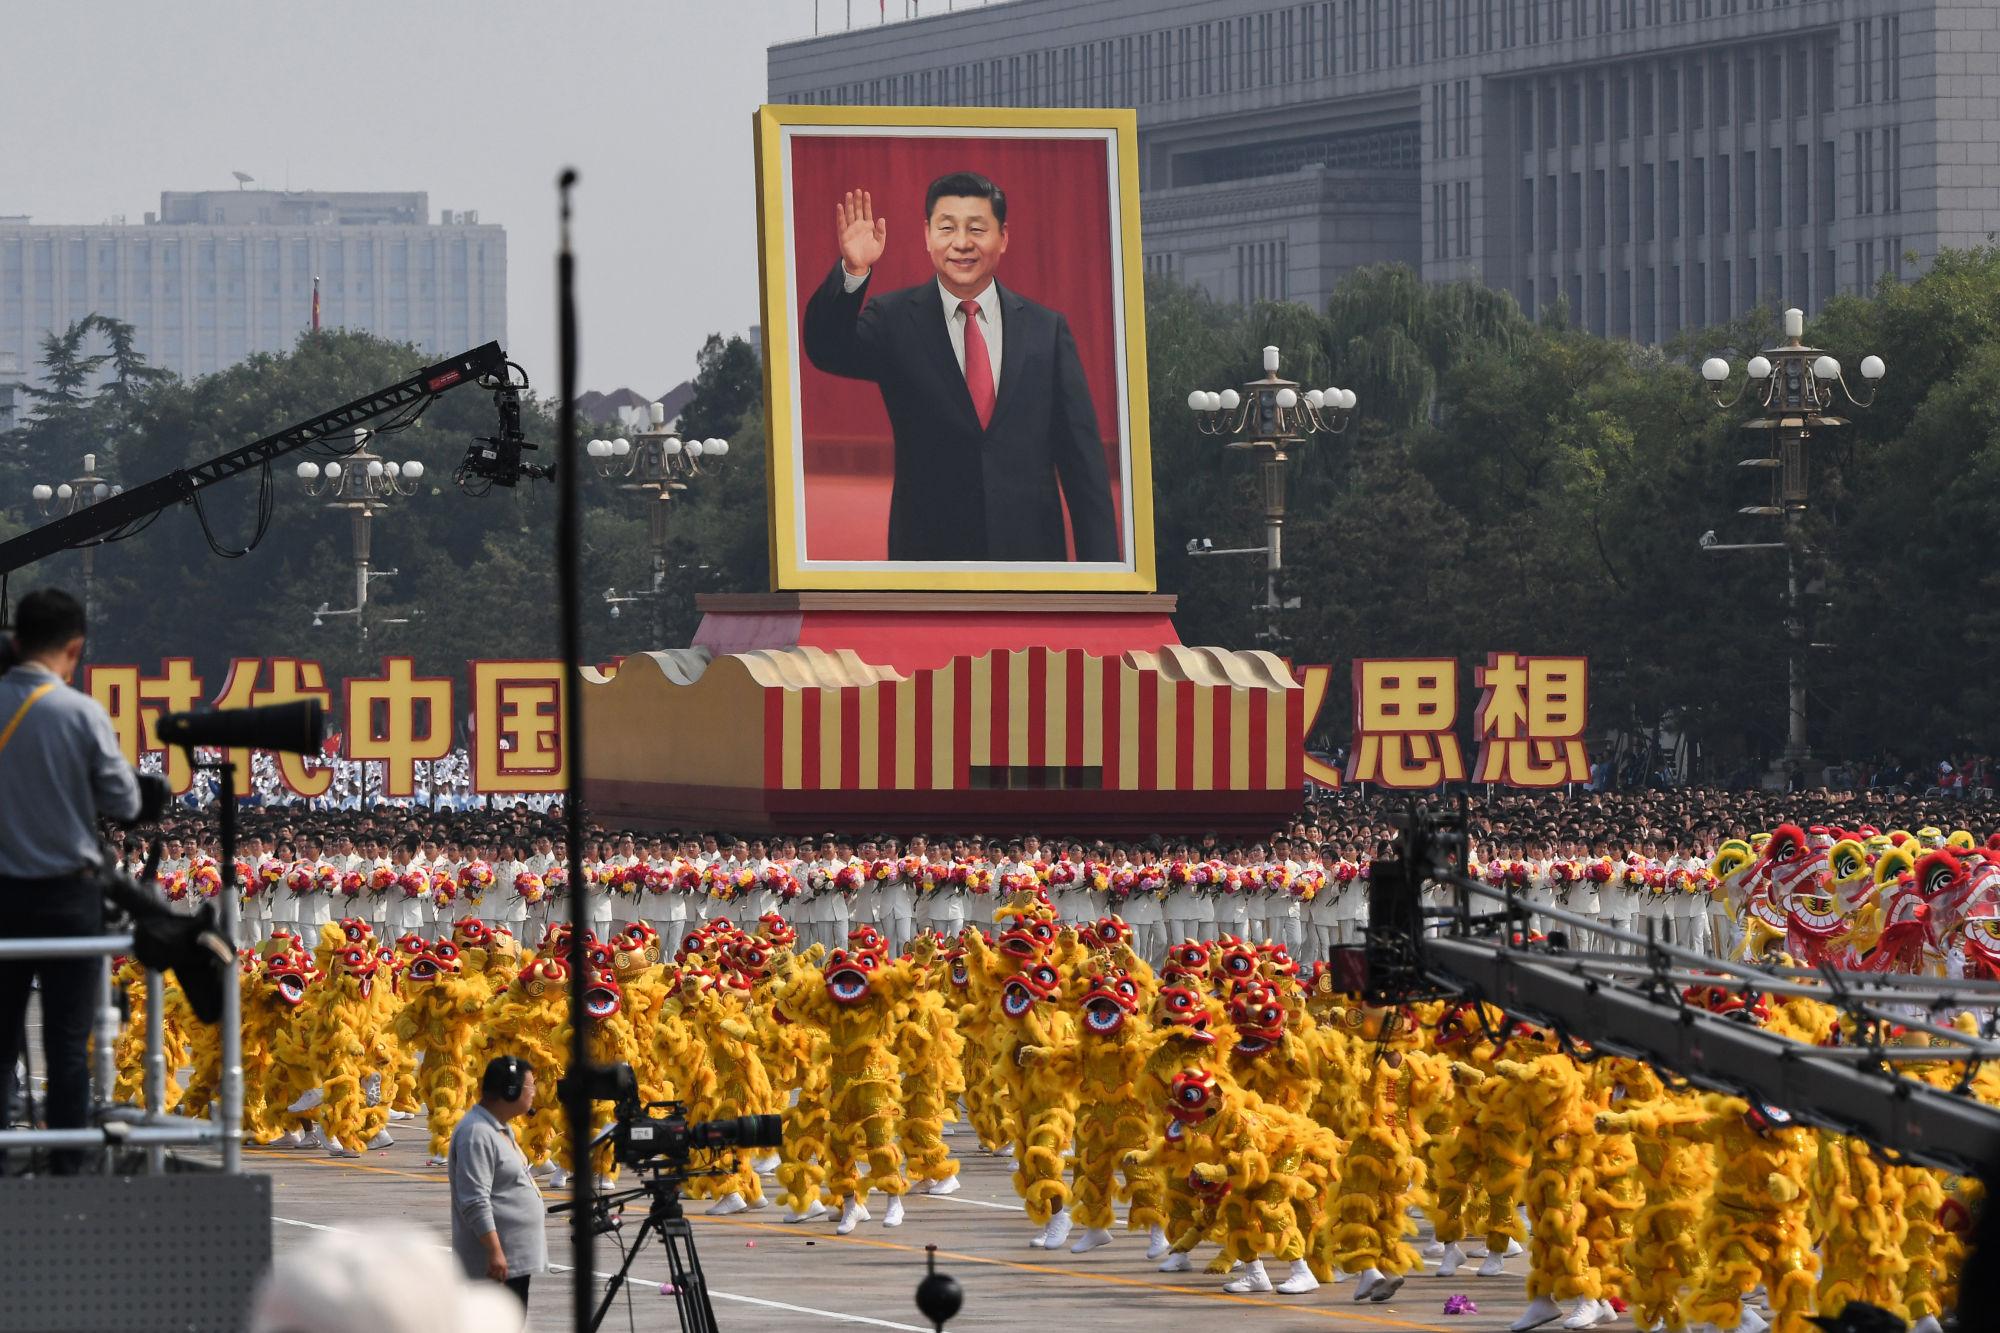 620 ezer tévét osztottak szét Kínában, hogy minél többen lássák a katonai parádét